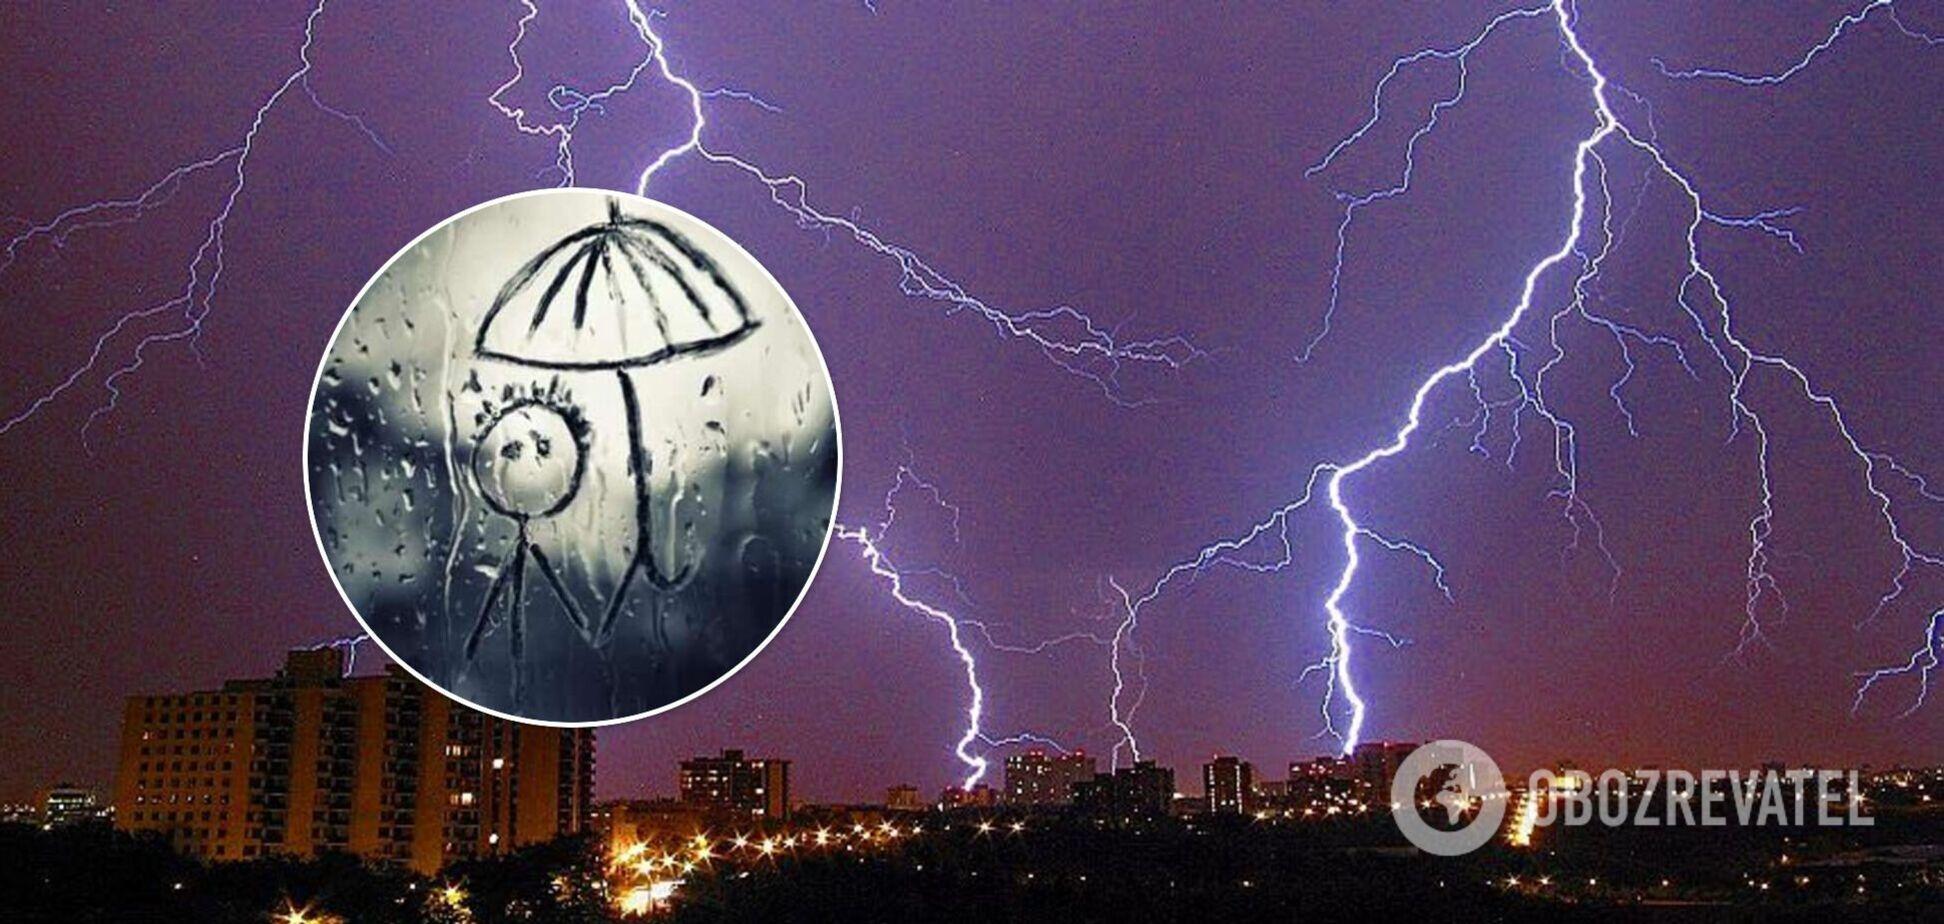 Киевщину вот-вот накроет непогода: спасатели выпустили предупреждение